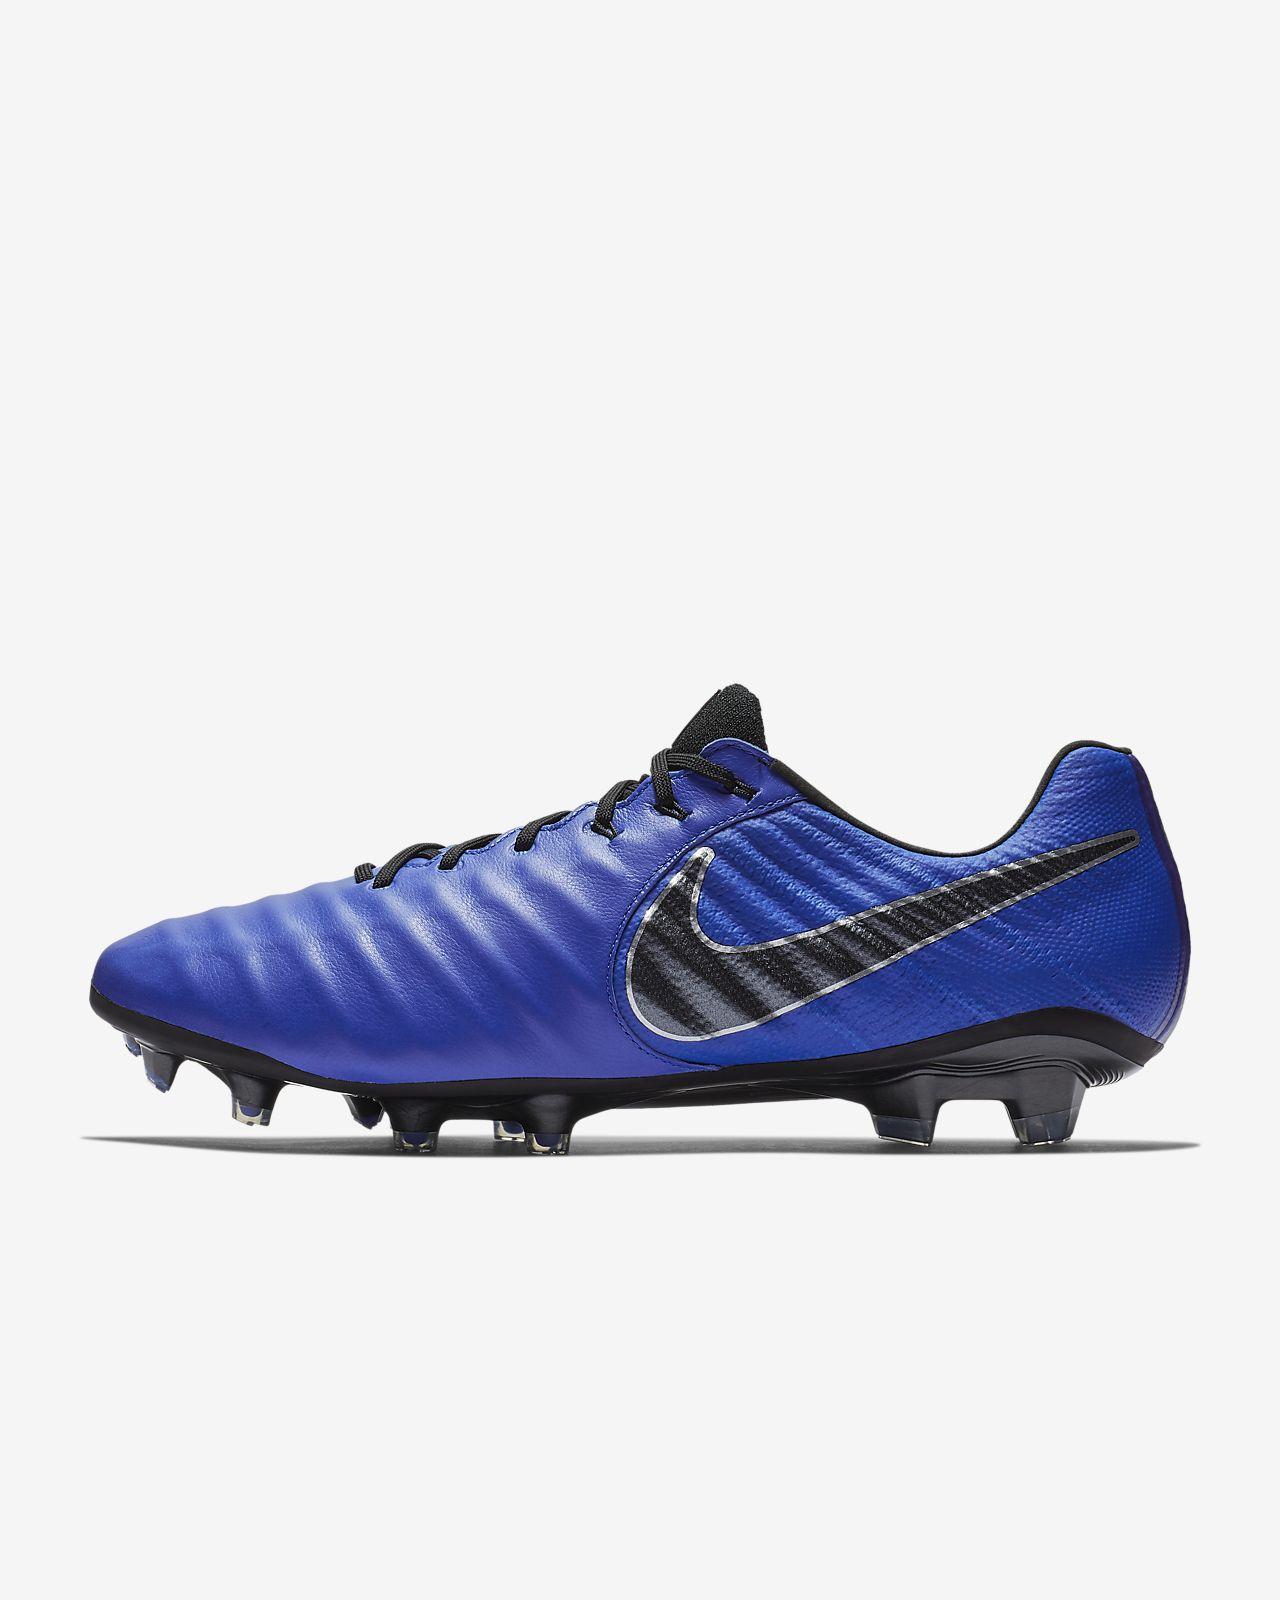 huge discount 3f767 4c3cd ... Chaussure de football à crampons pour terrain sec Nike Legend 7 Elite FG